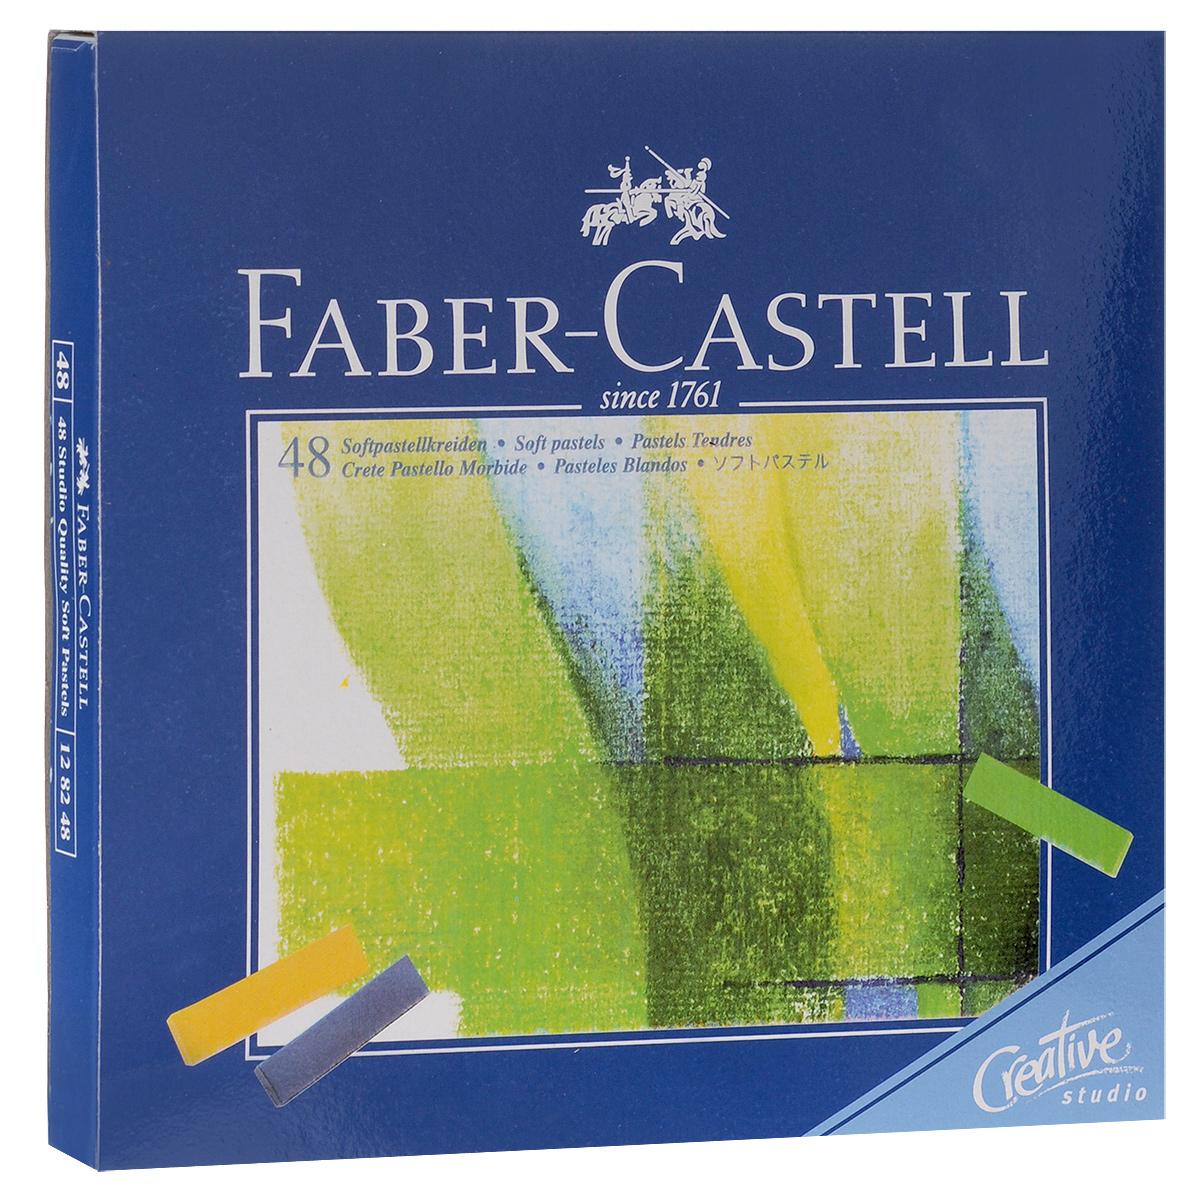 Мягкие мини-мелки Faber-Castell Studio Quality Soft Pastels, 48 шт128248Набор Faber-Castell Studio Quality Soft Pastels содержит мягкие мини-мелки квадратной формы 48 цветов - от ярких активных тонов до приглушенных оттенков. Мелки великолепного качества не крошатся при работе, обладают отличными кроющими свойствами, обеспечивают хорошее сцепление с поверхностью, яркость и долговечность изображения. Мягкими мелками Faber-Castell Studio Quality Soft Pastels можно рисовать в любой технике, сочетая их с цветными карандашами и красками.